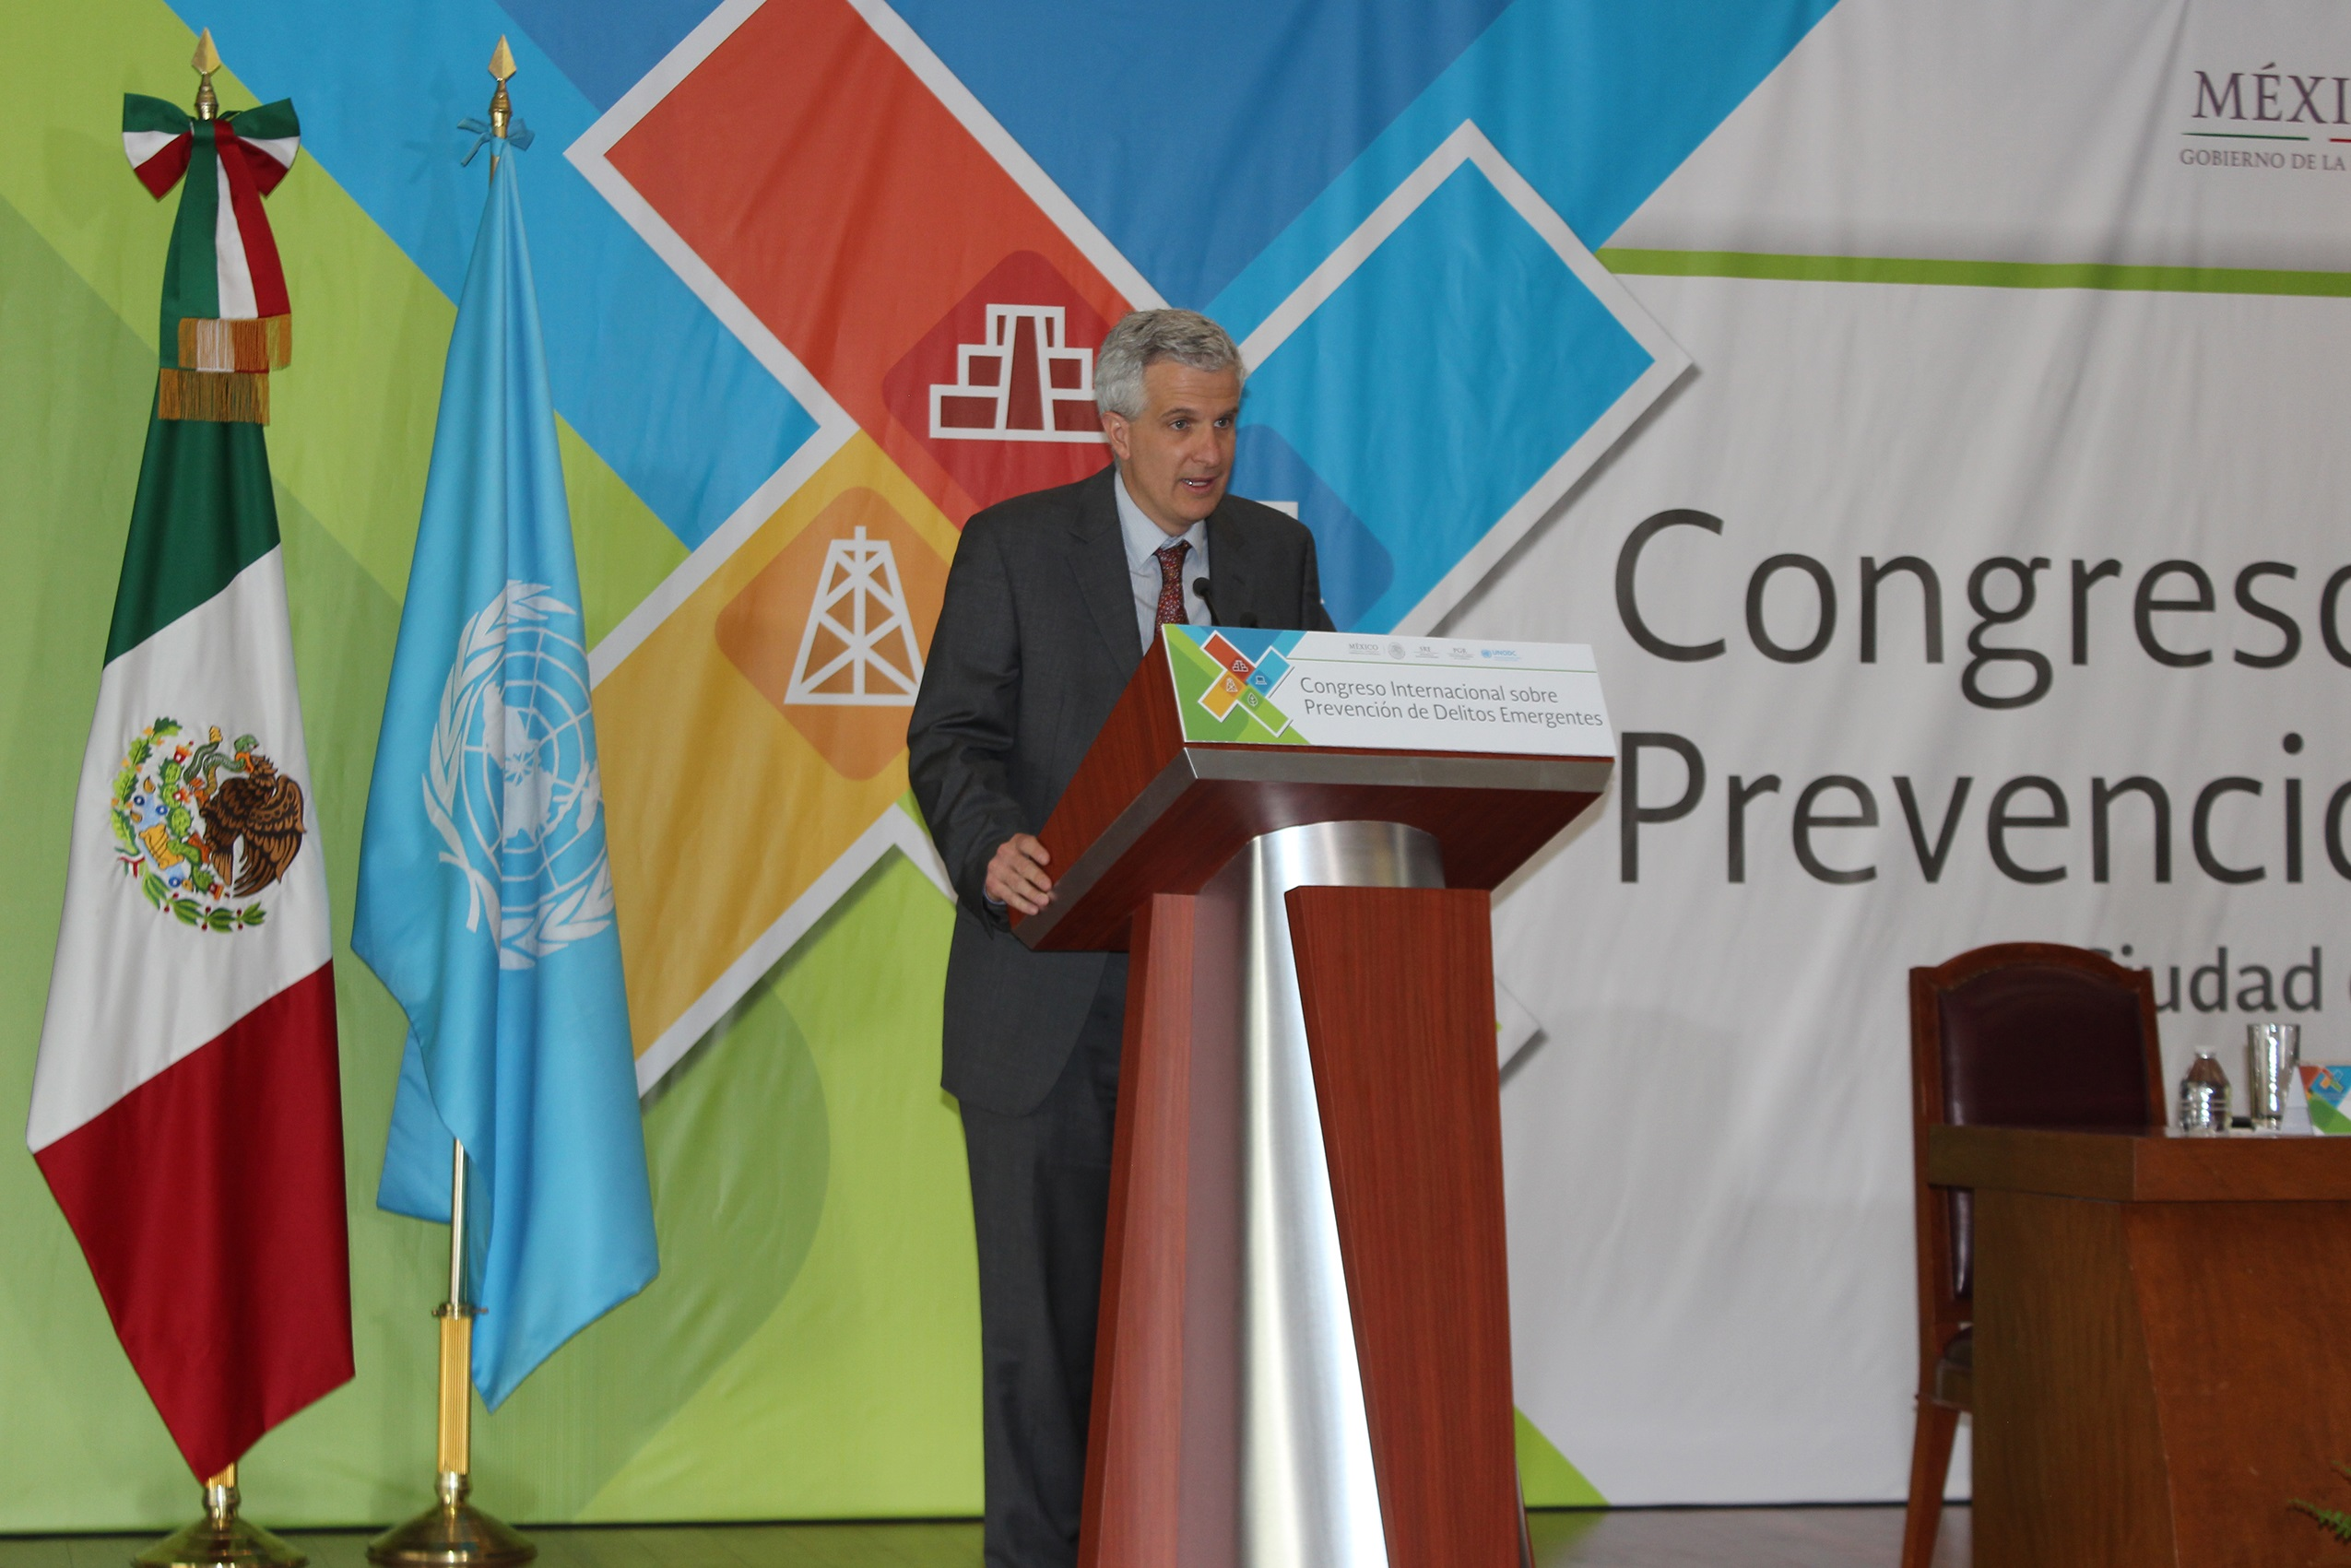 Foto 1 Congreso Internacional sobre Prevenci n de Delitos Emergentes1jpg